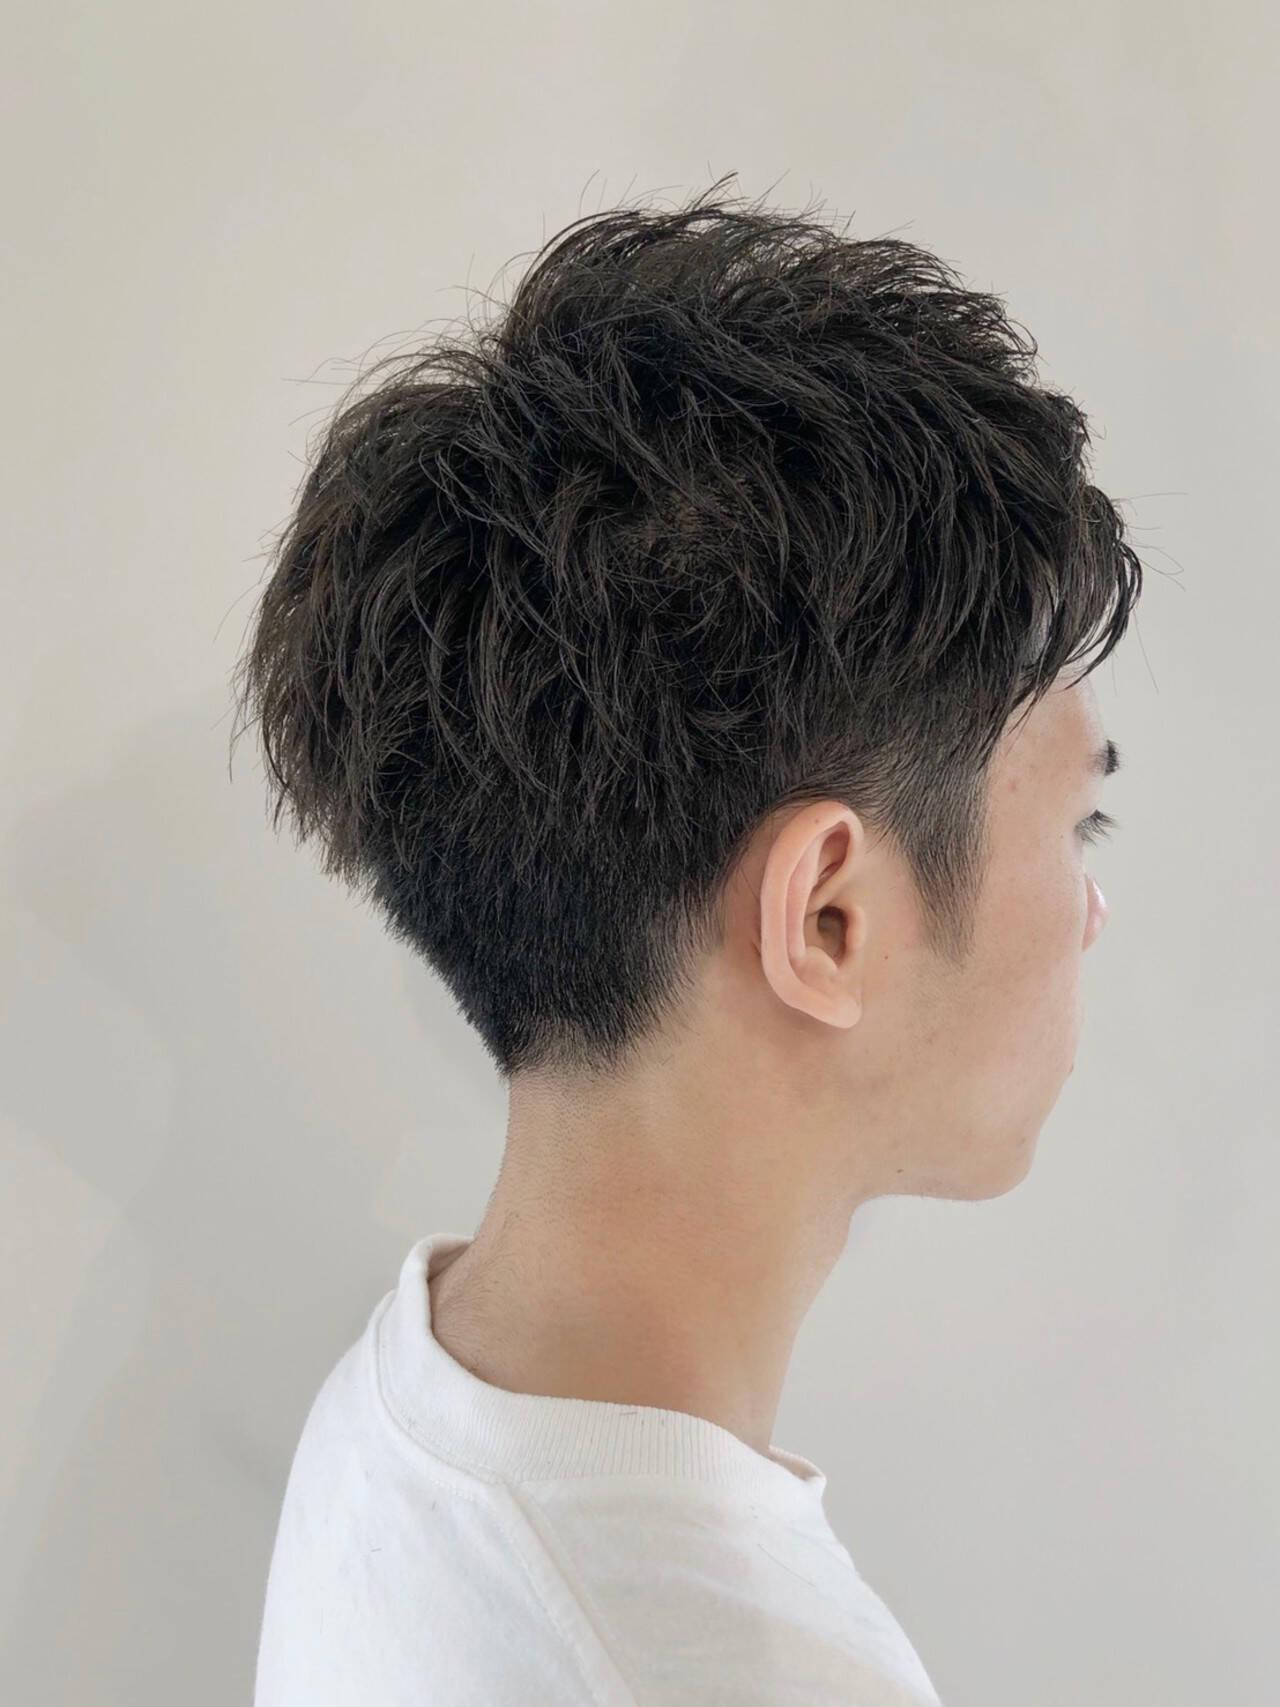 刈り上げショート メンズヘア ショート メンズヘアスタイルや髪型の写真・画像